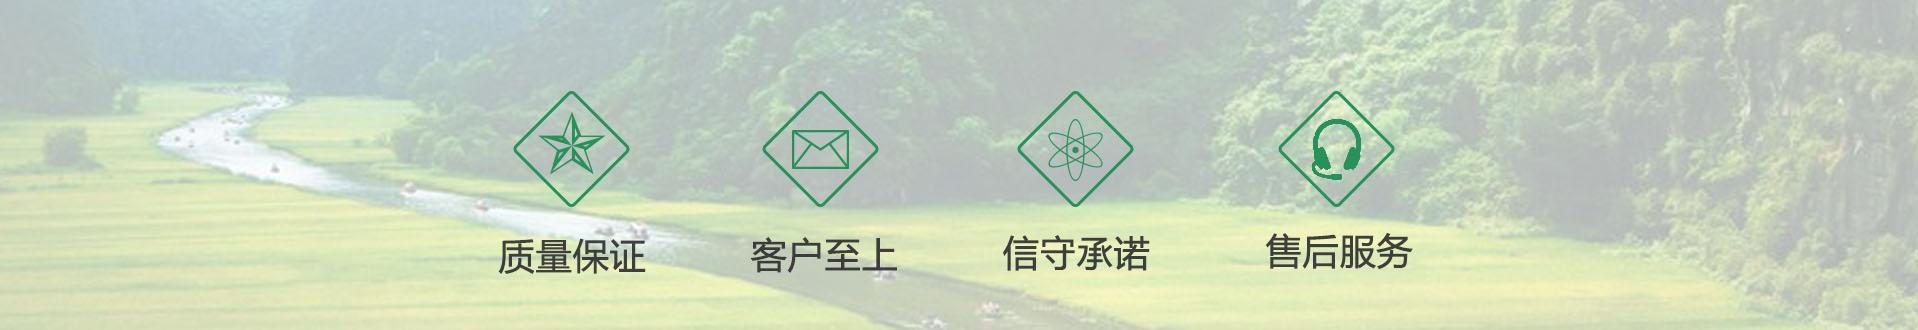 贵州环卫公司